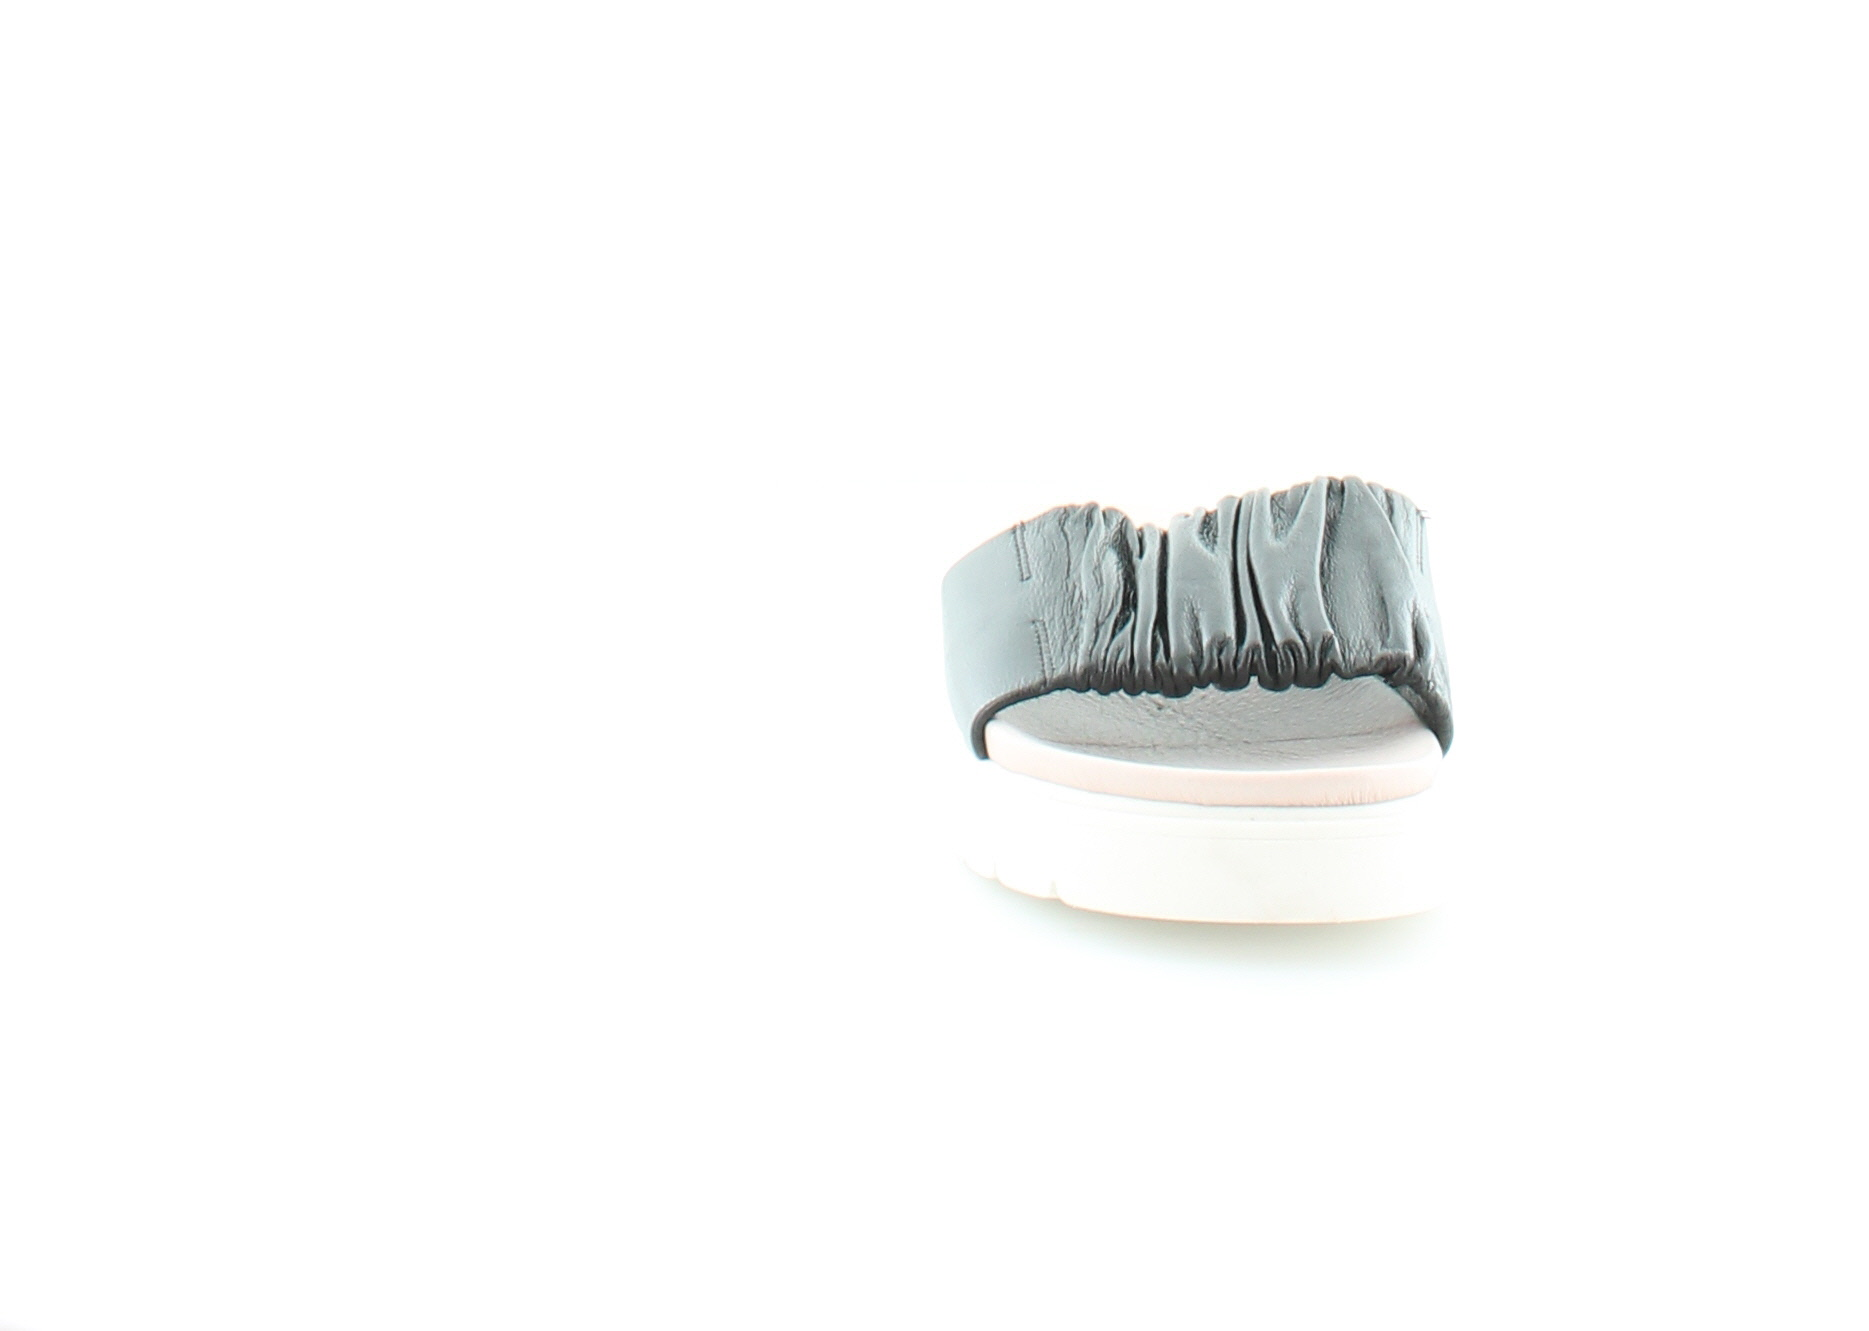 Daniella Lehavi & Sahara Soft Women's Sandals & Lehavi Flip Flops 7d11e3